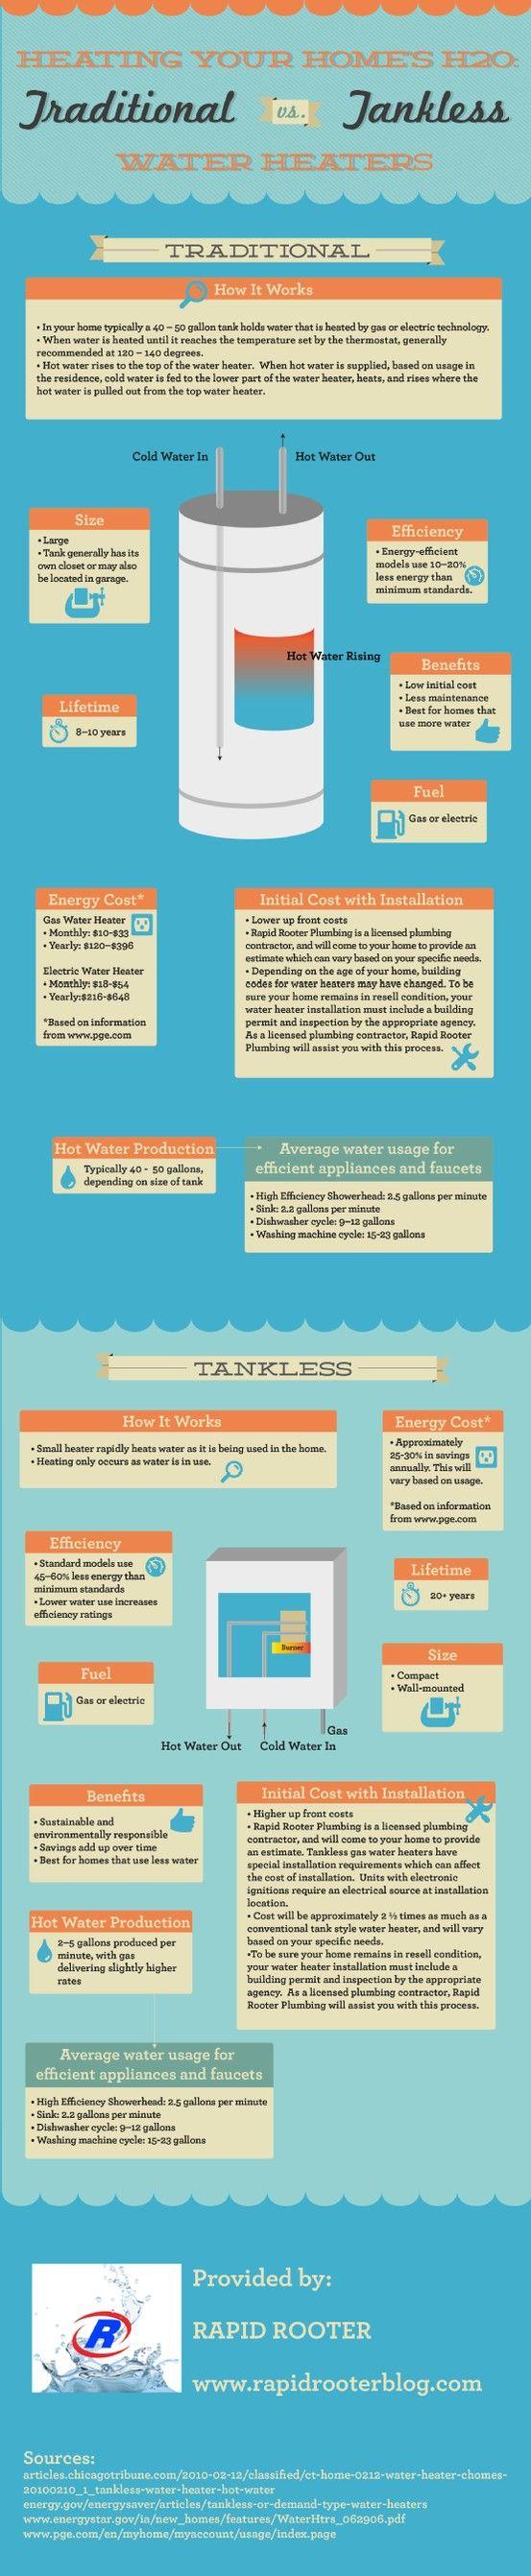 Average Cost Of Water Heater 48 Best Plumbing Images On Pinterest Plumbing Water Heaters And